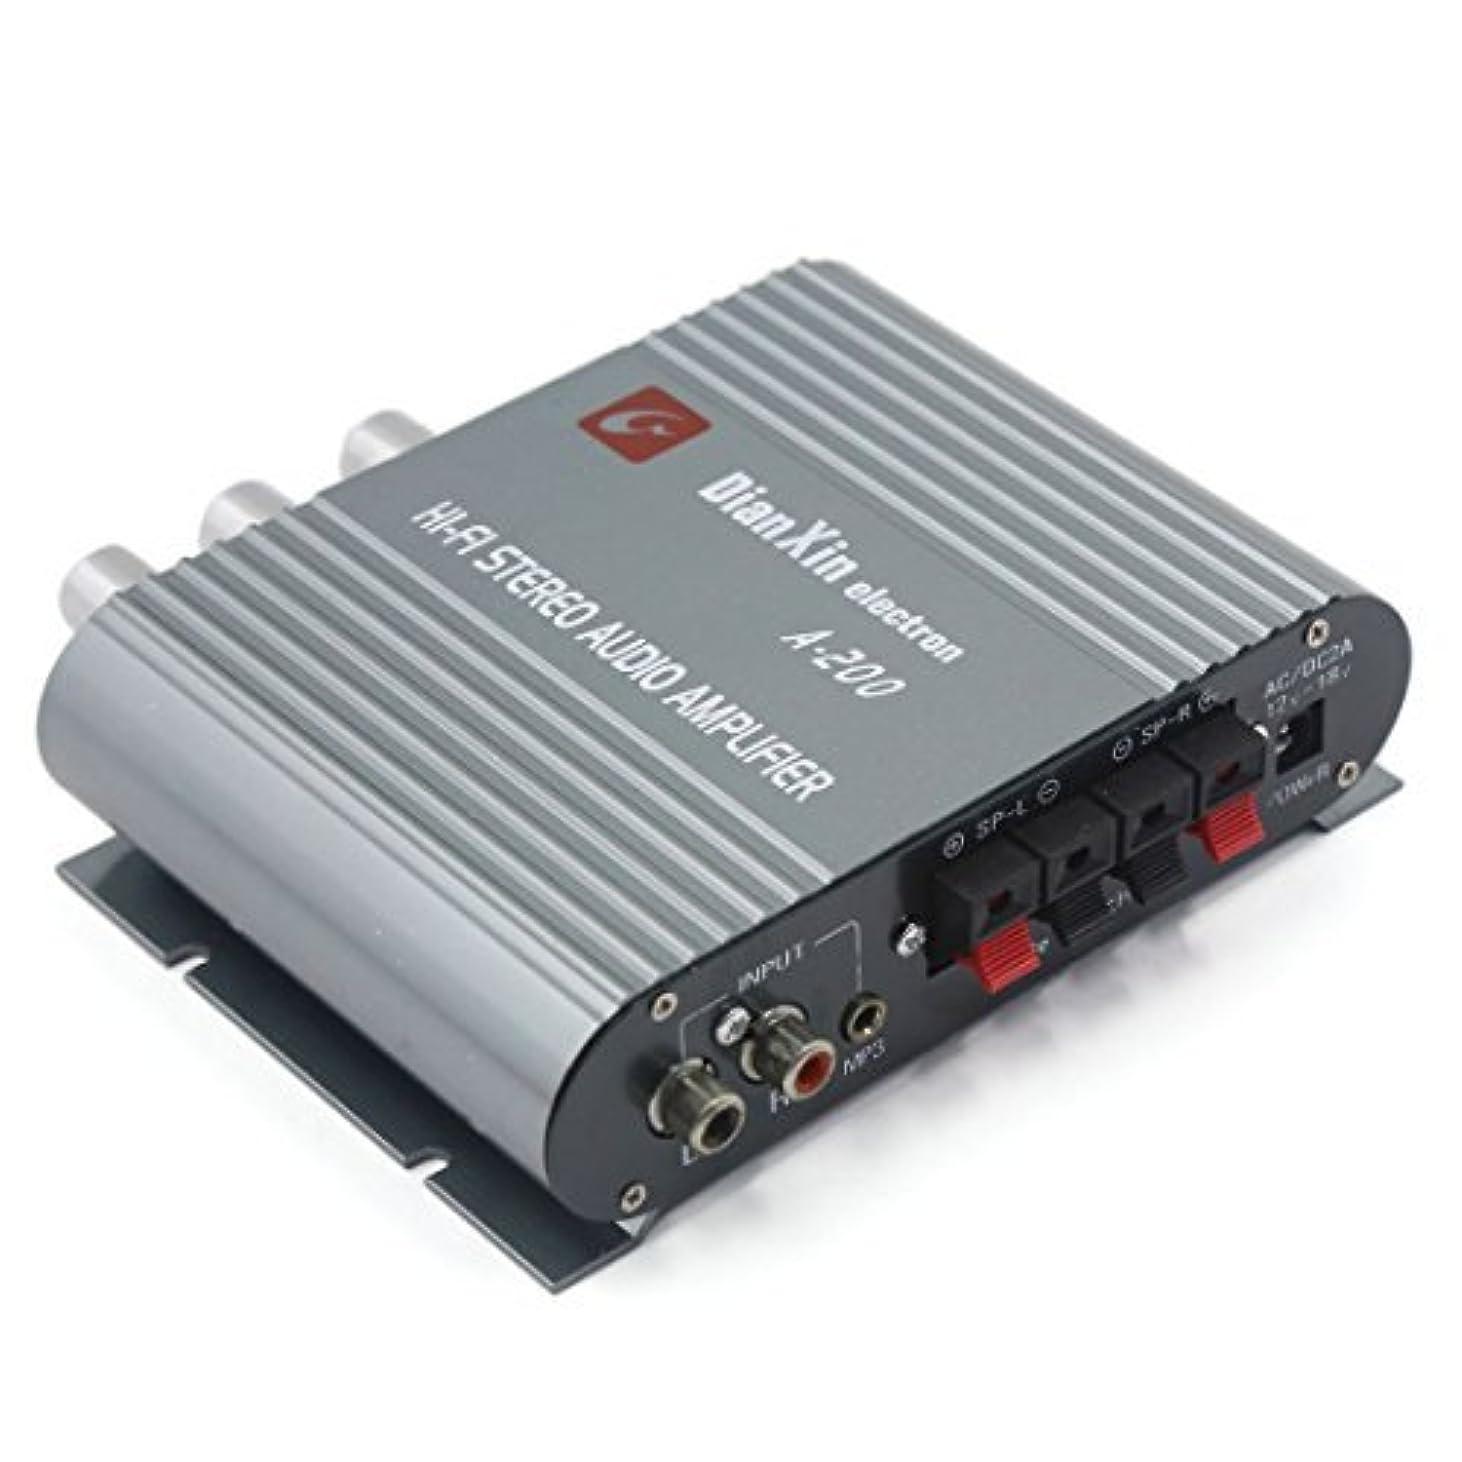 下着意気込み親密なELEGIANT 防水オートバイオーディオラジオのHi-FiのUSB BluetoothのオートバイスクーターバイクステレオサウンドオーディオシステムラジオリモートアラームスピーカーMP3プレーヤーUSB / TFカード/AUX IN/FMラジオをサポート シルバー